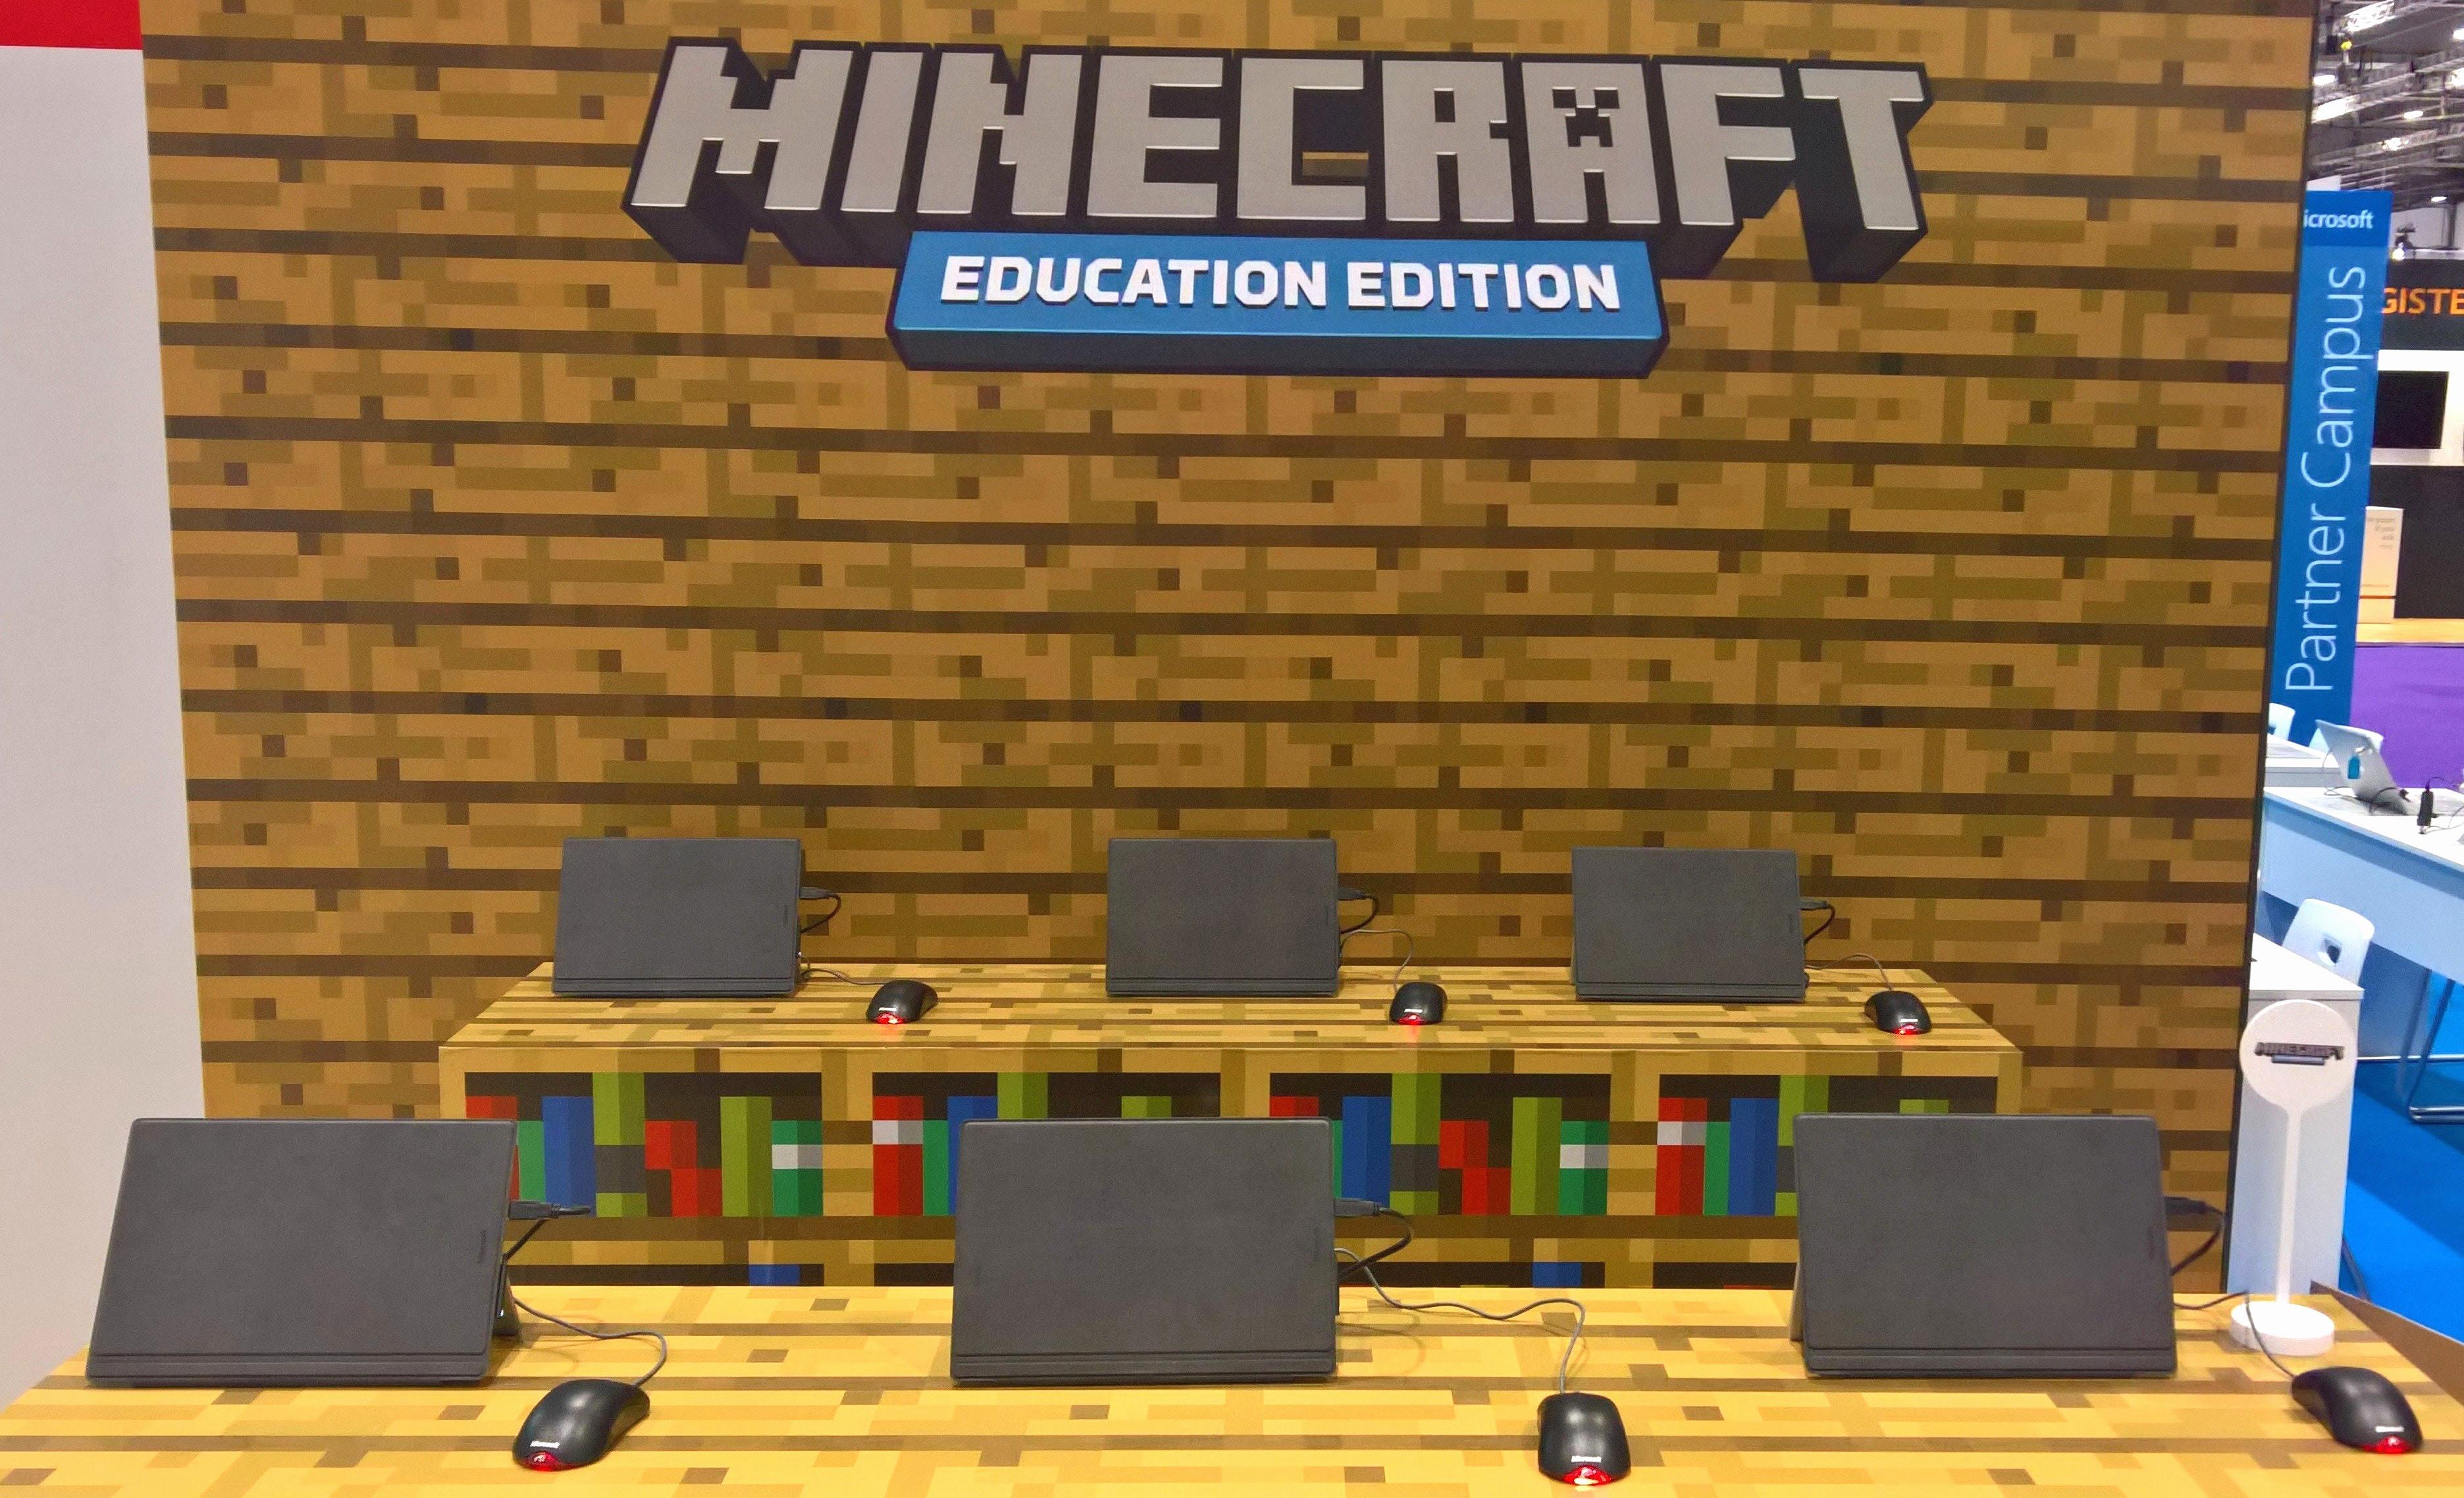 Minecraft Bilder Zum Ausmalen Frisch 35 Minecraft Malvorlagen Scoredatscore Frisch Minecraft Ausmalbilder Bilder